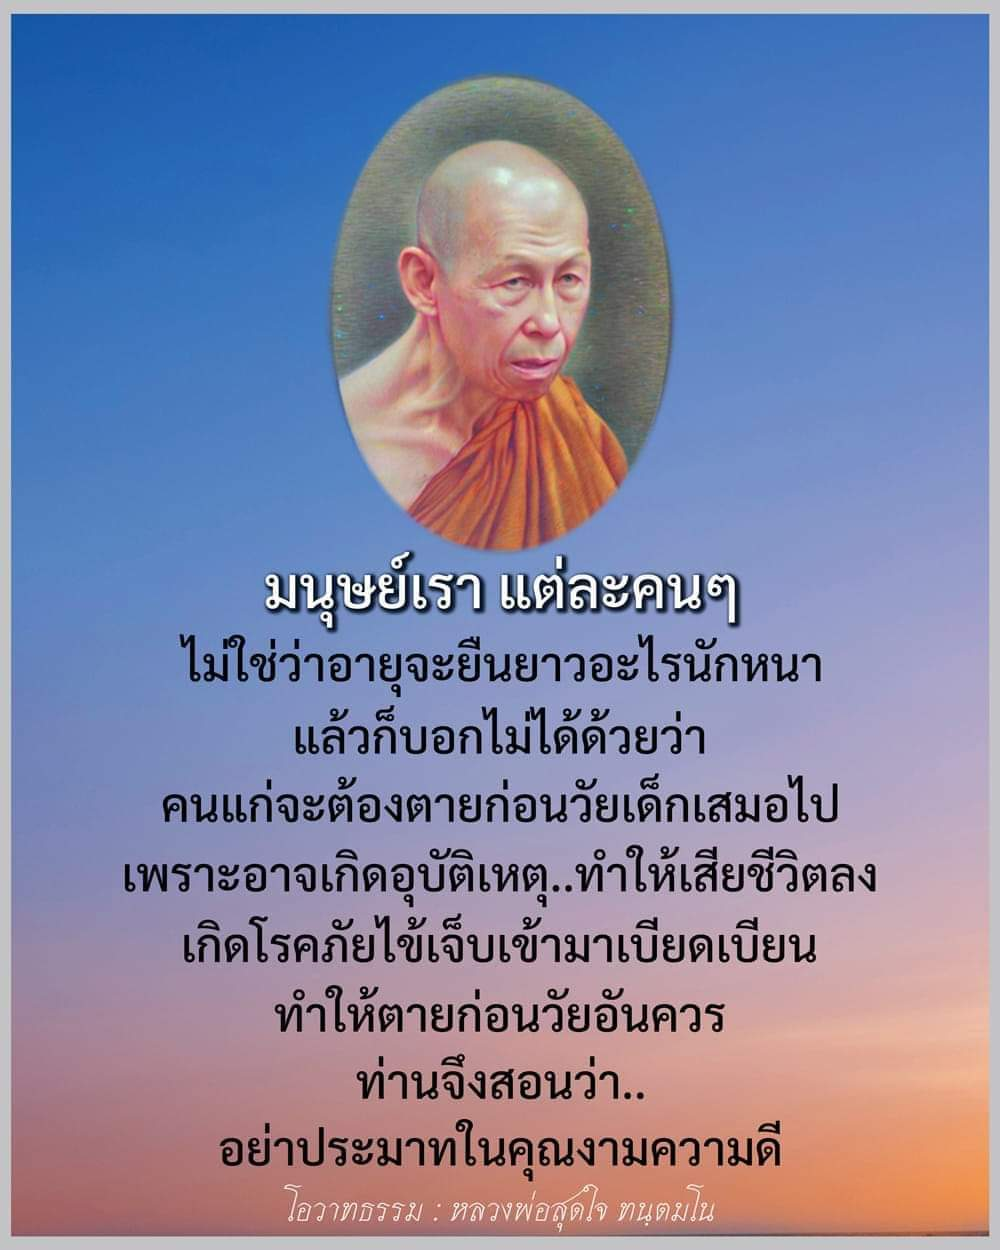 FB_IMG_1590197014501.jpg